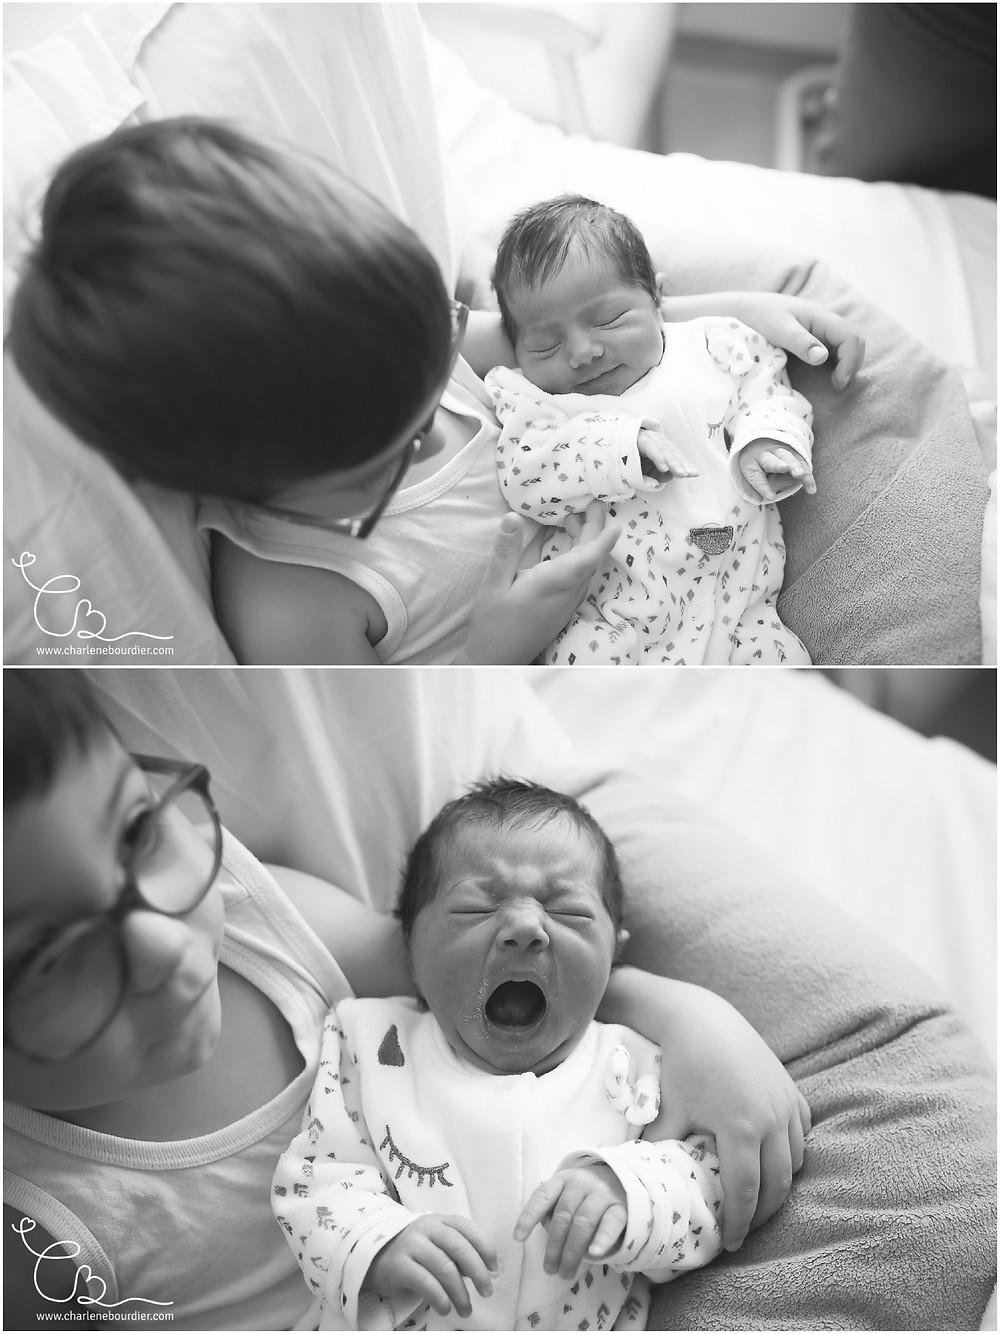 Photographe naissance à la maternité de Bourgoin